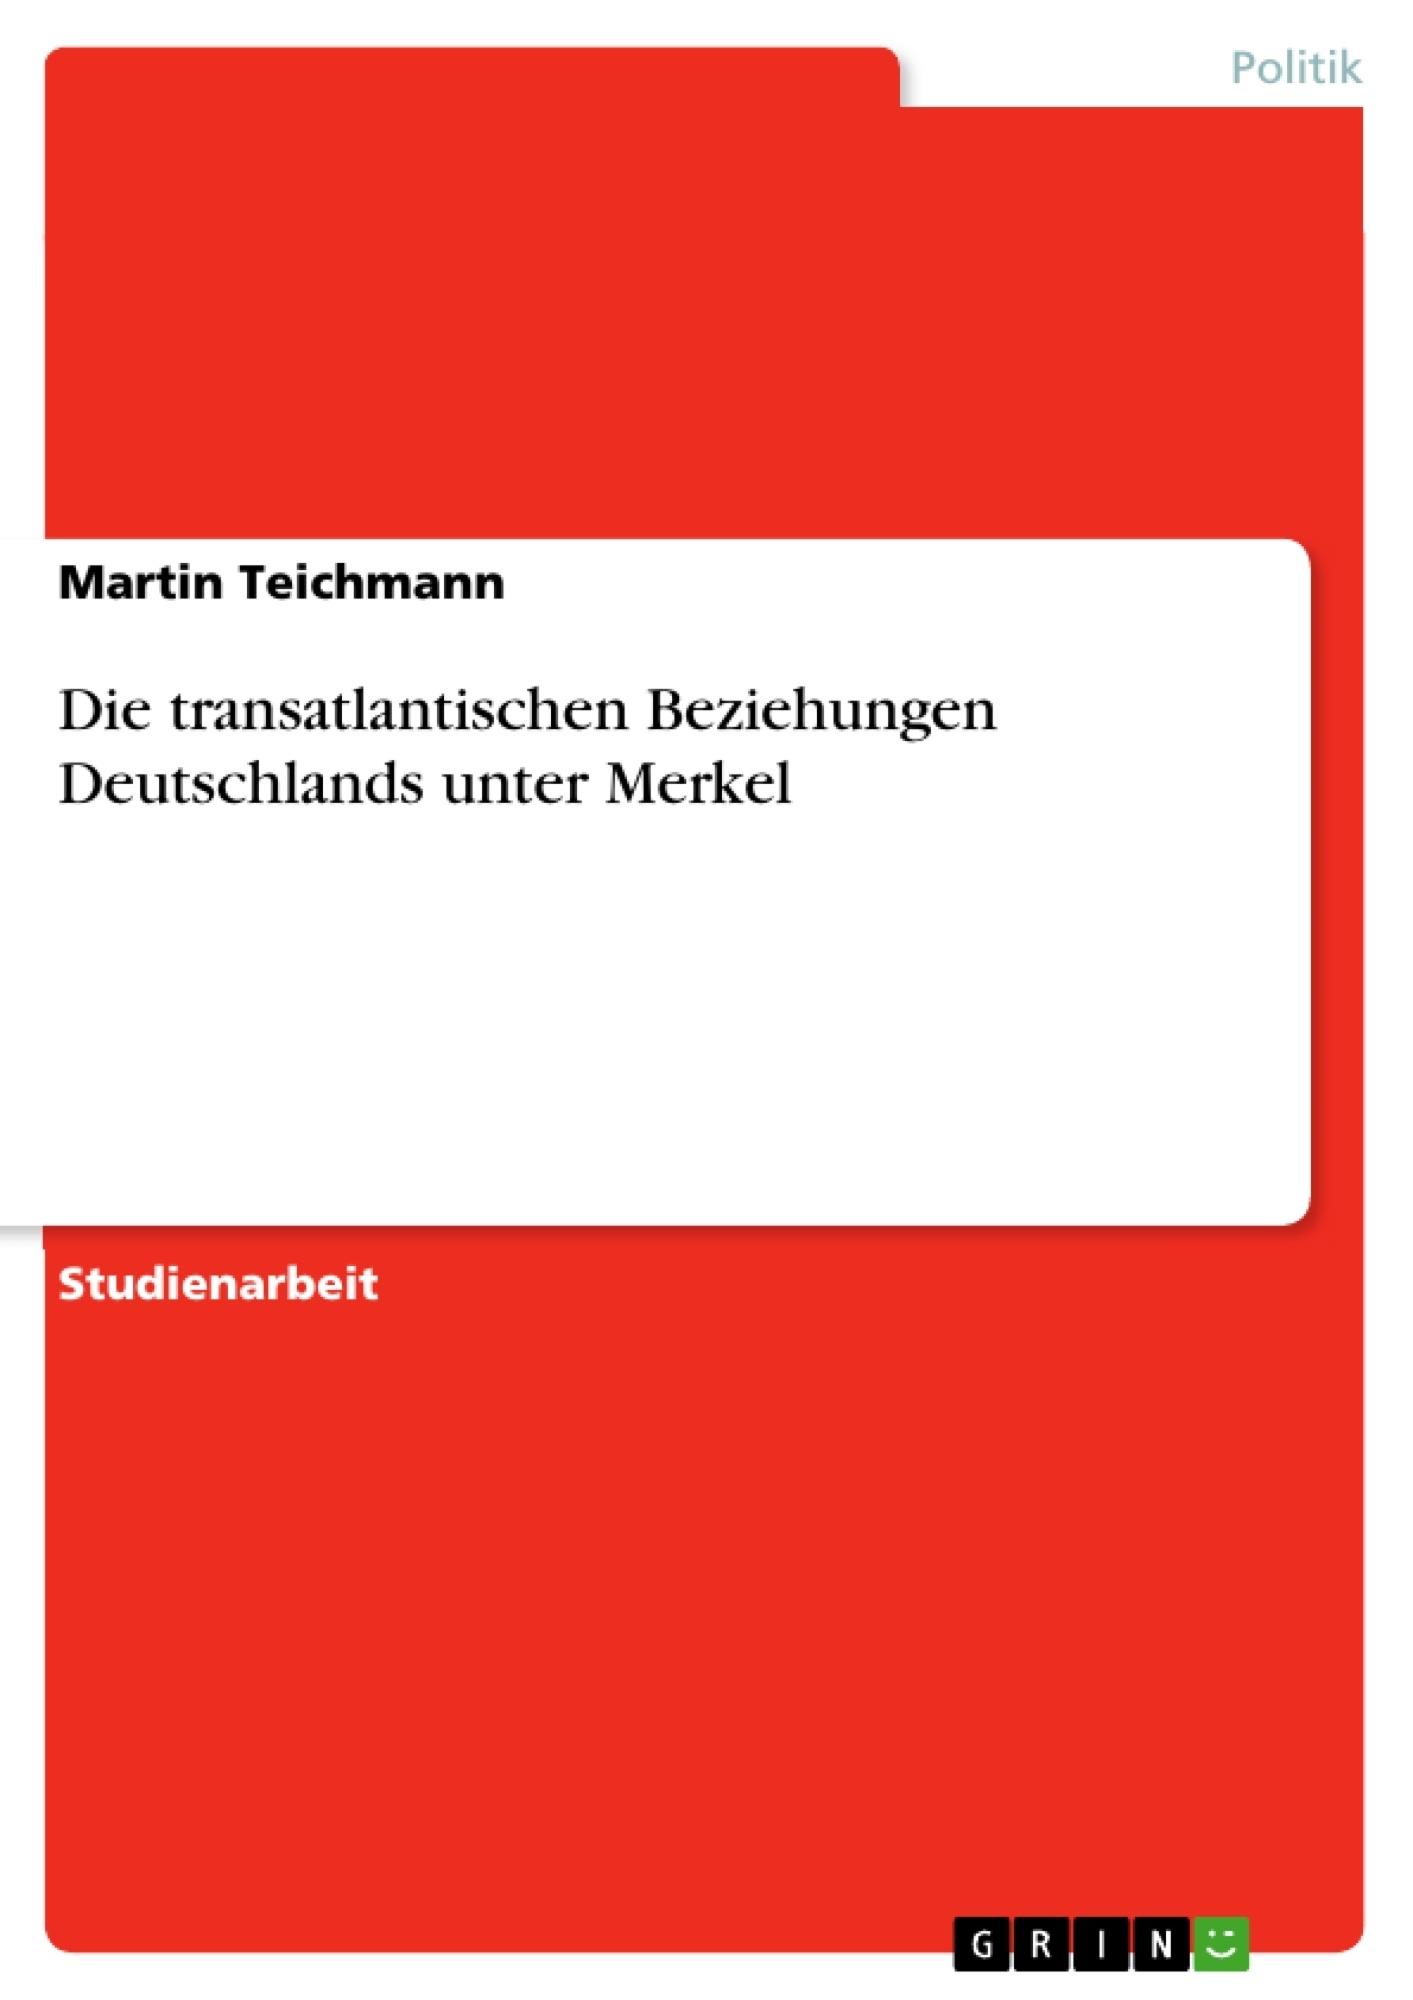 Titel: Die transatlantischen Beziehungen Deutschlands unter Merkel